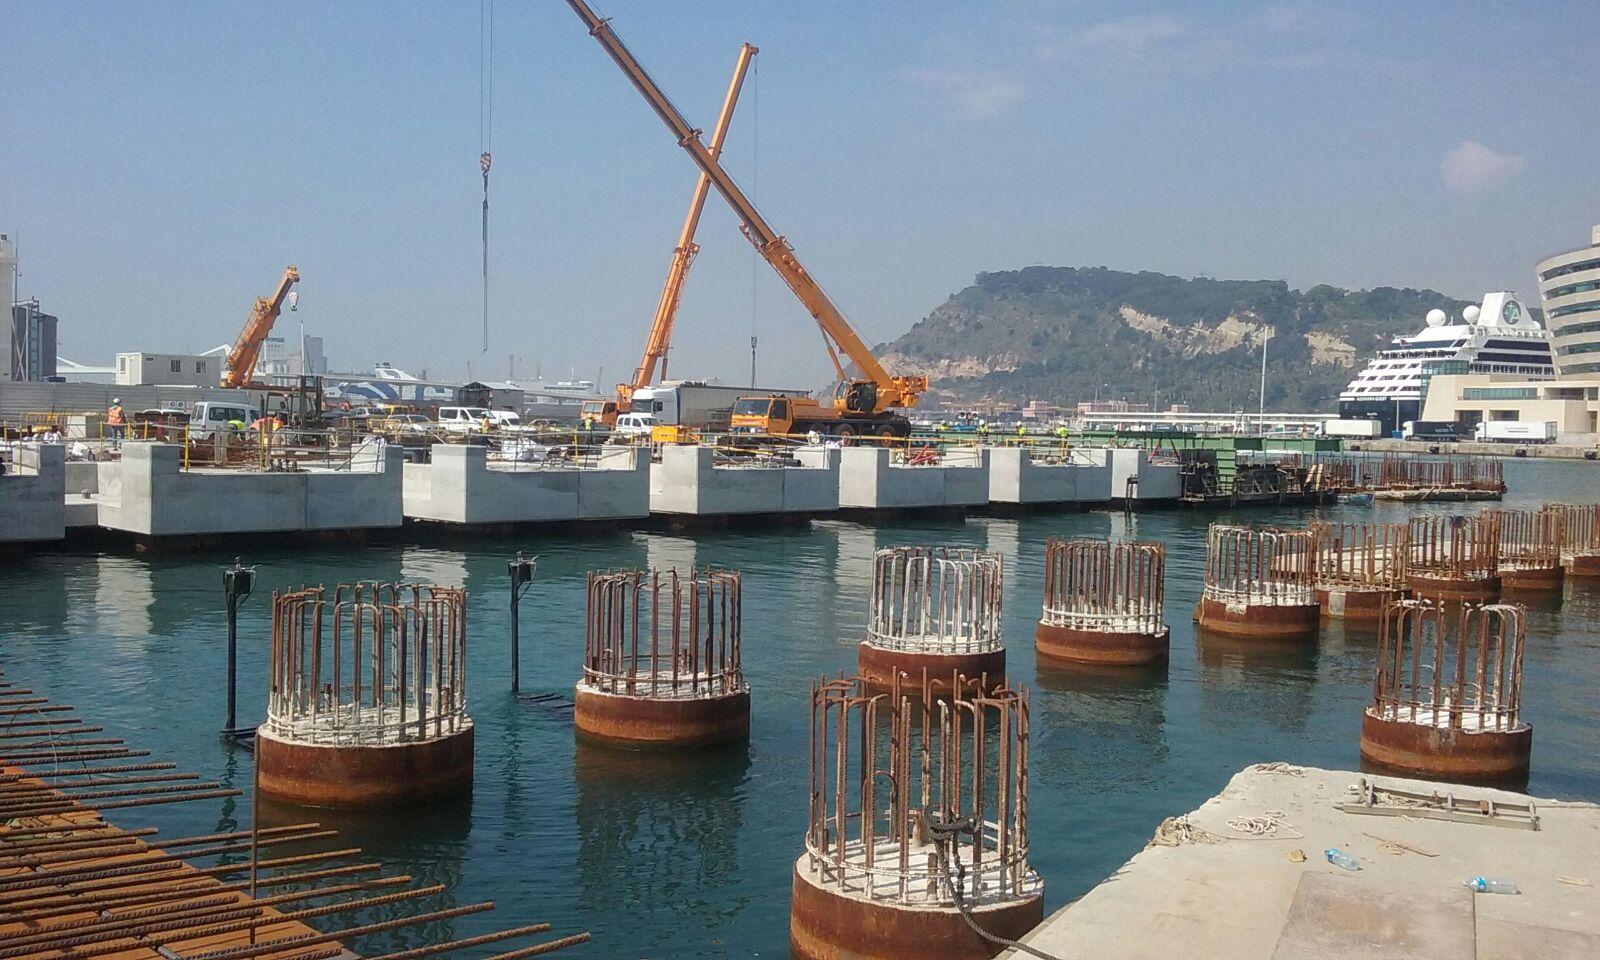 Étaiement autolanceur flottant pour le syncrolift de Barcelone par RUBRICA MARITIME